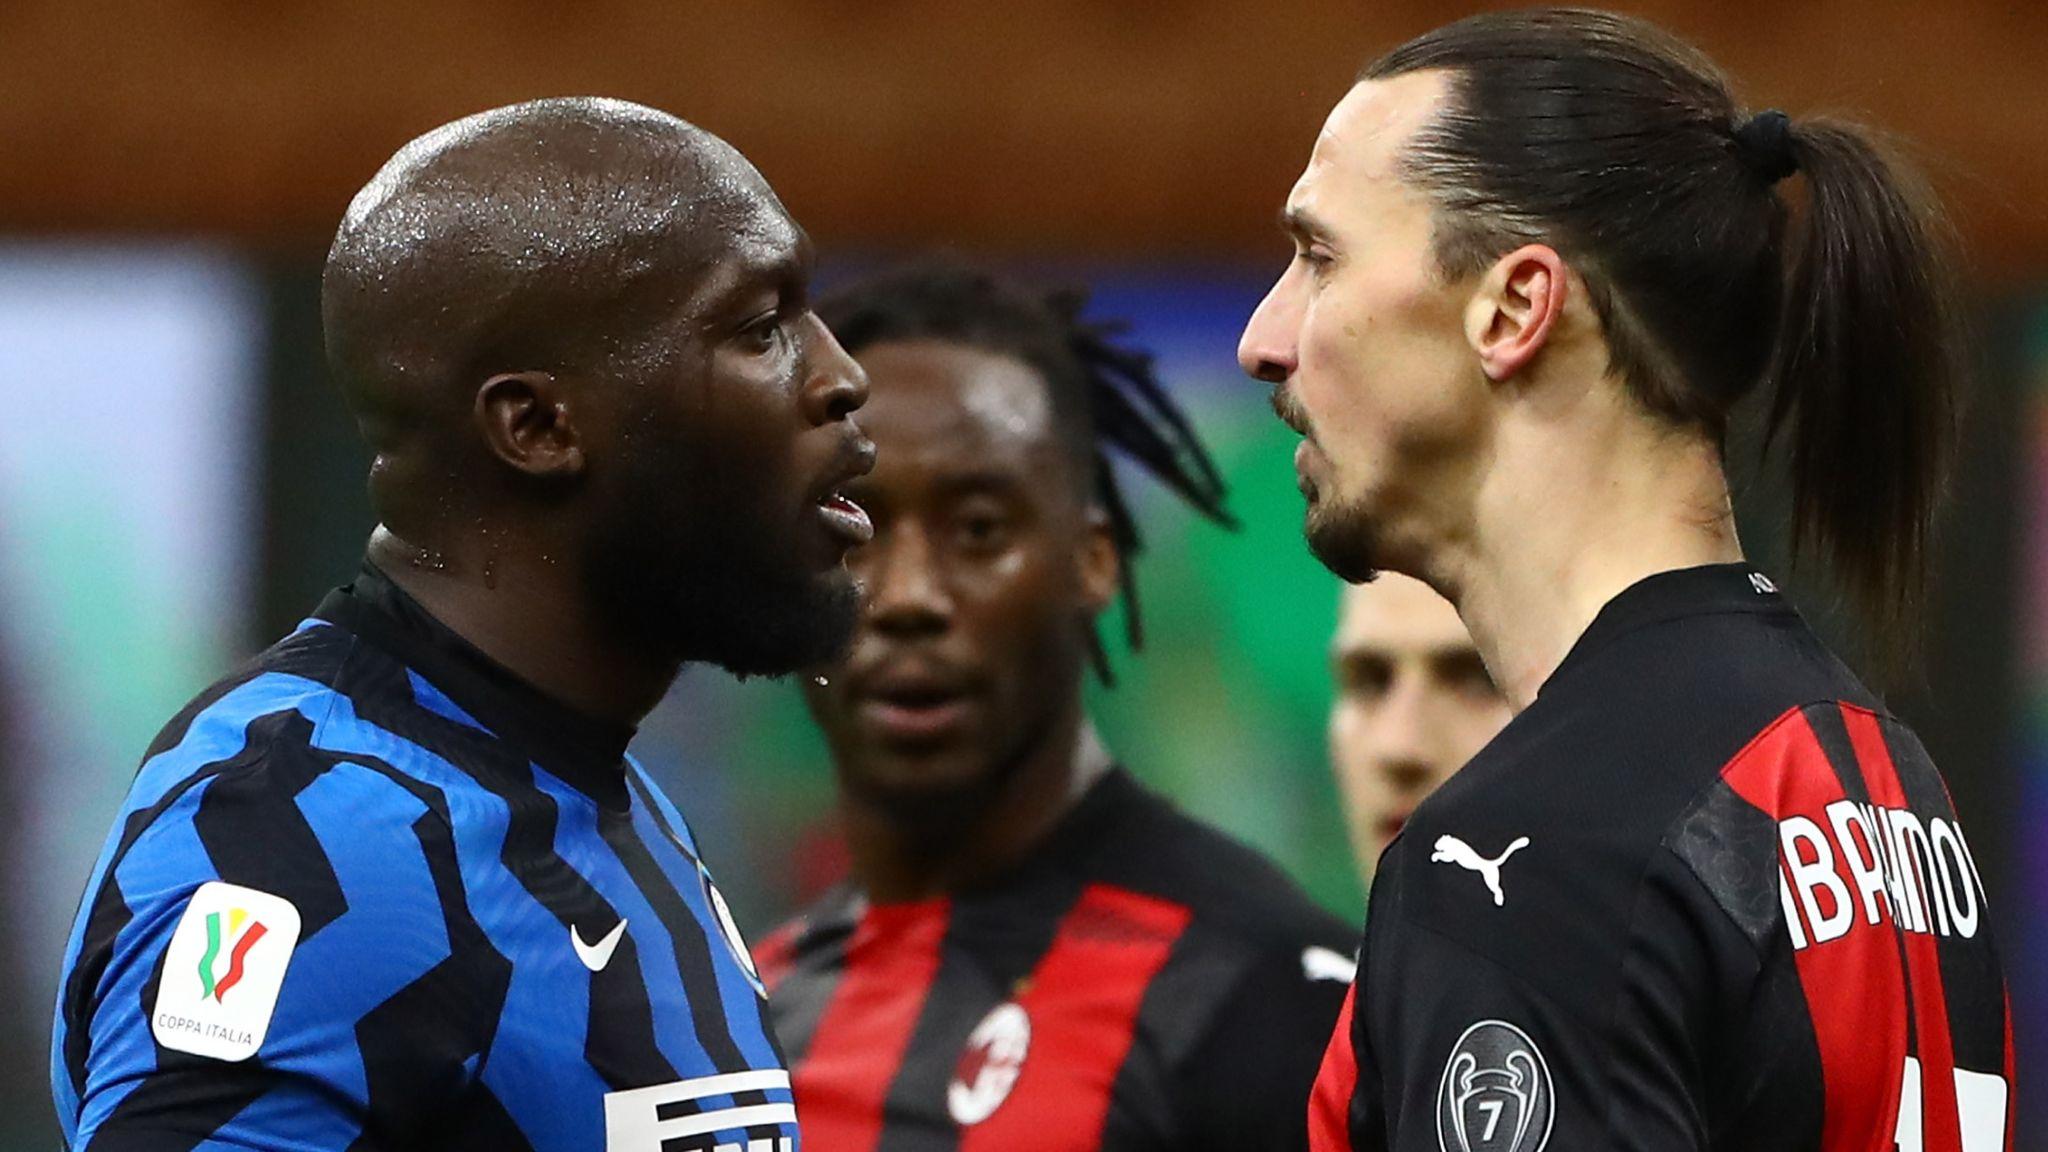 Ibrahimovic on his spat with Lukaku